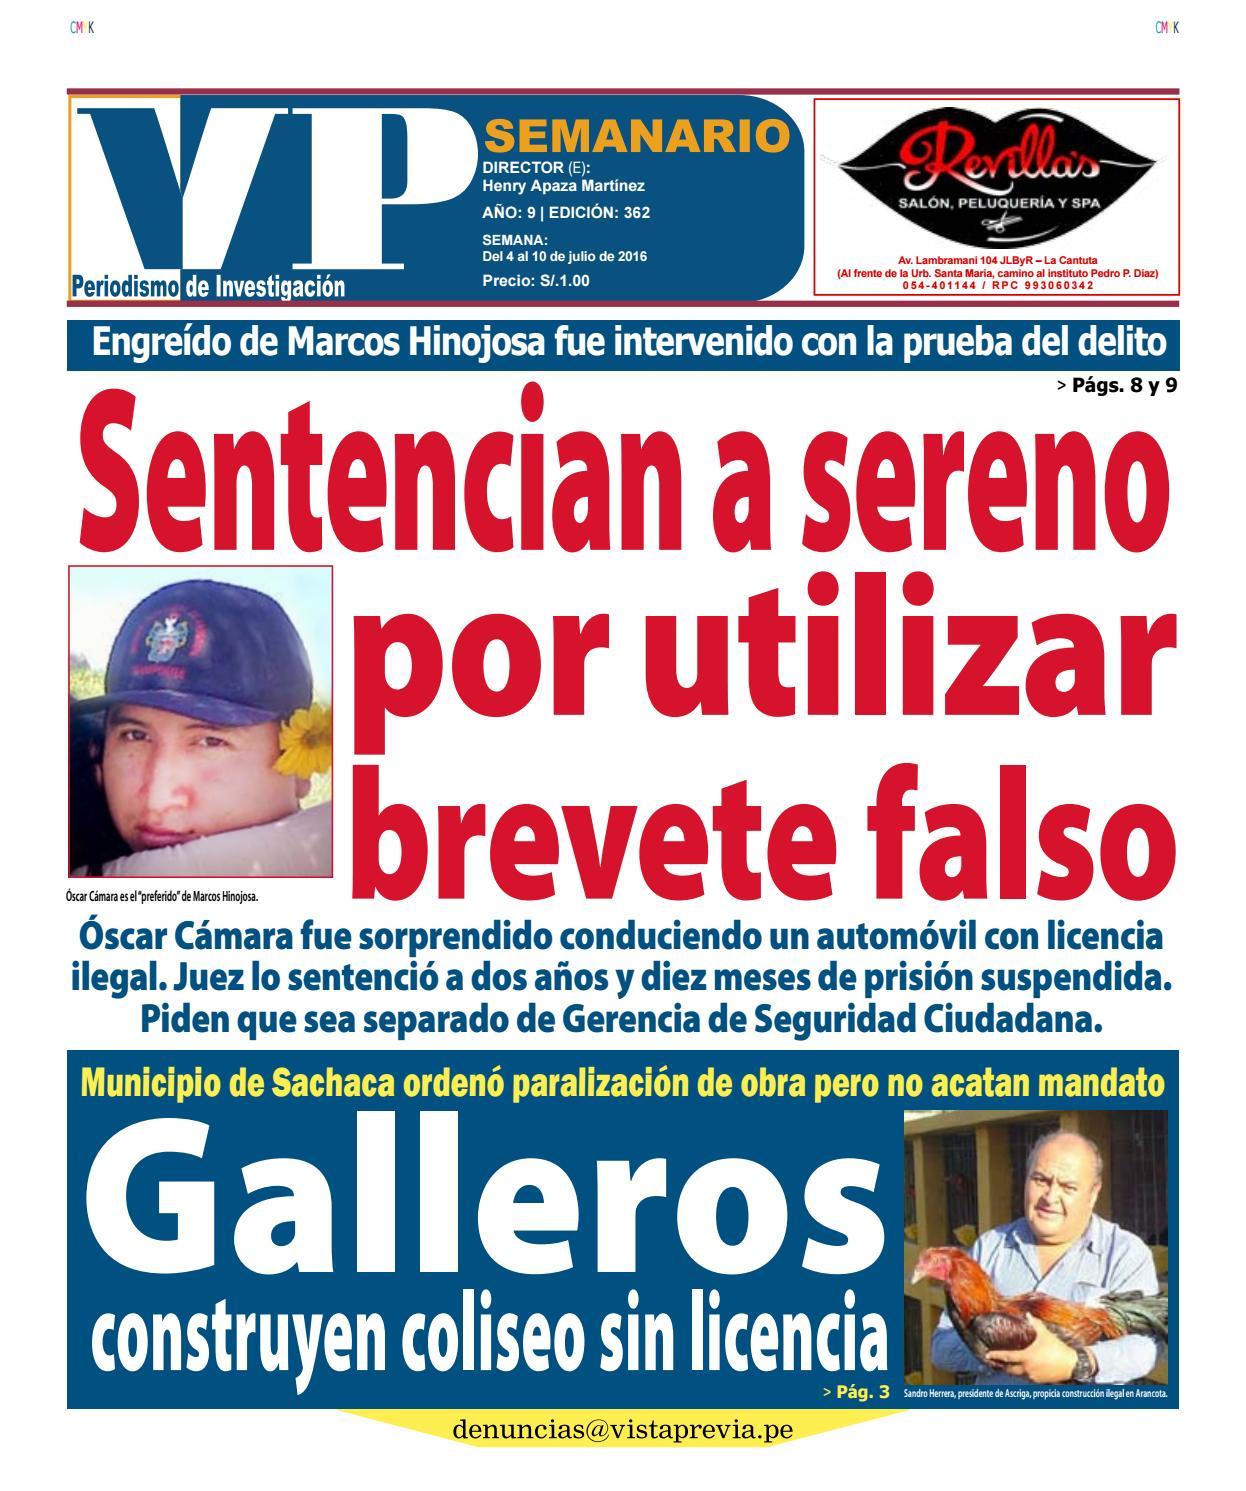 Sentencian a sereno por utilizar brevete falso by VP SEMANARIO - issuu